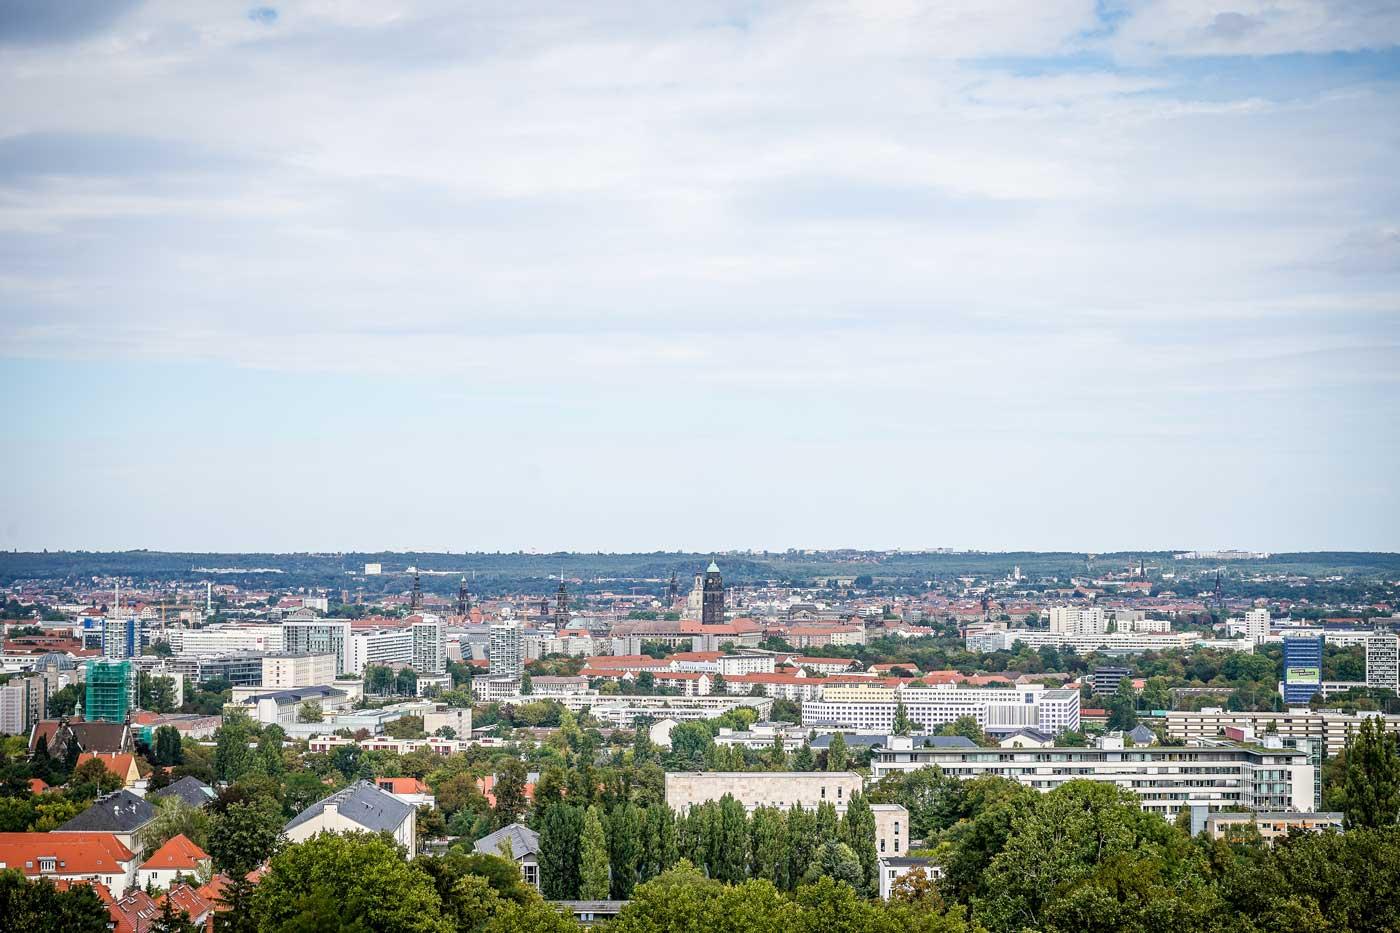 Ausblick auf Dresden von der Bismarcksäule auf der Räcknitzhöhe. Blick auf Frauenkirche, Rathausturm, Hausmannsturm, Hofkirche und SLUB.